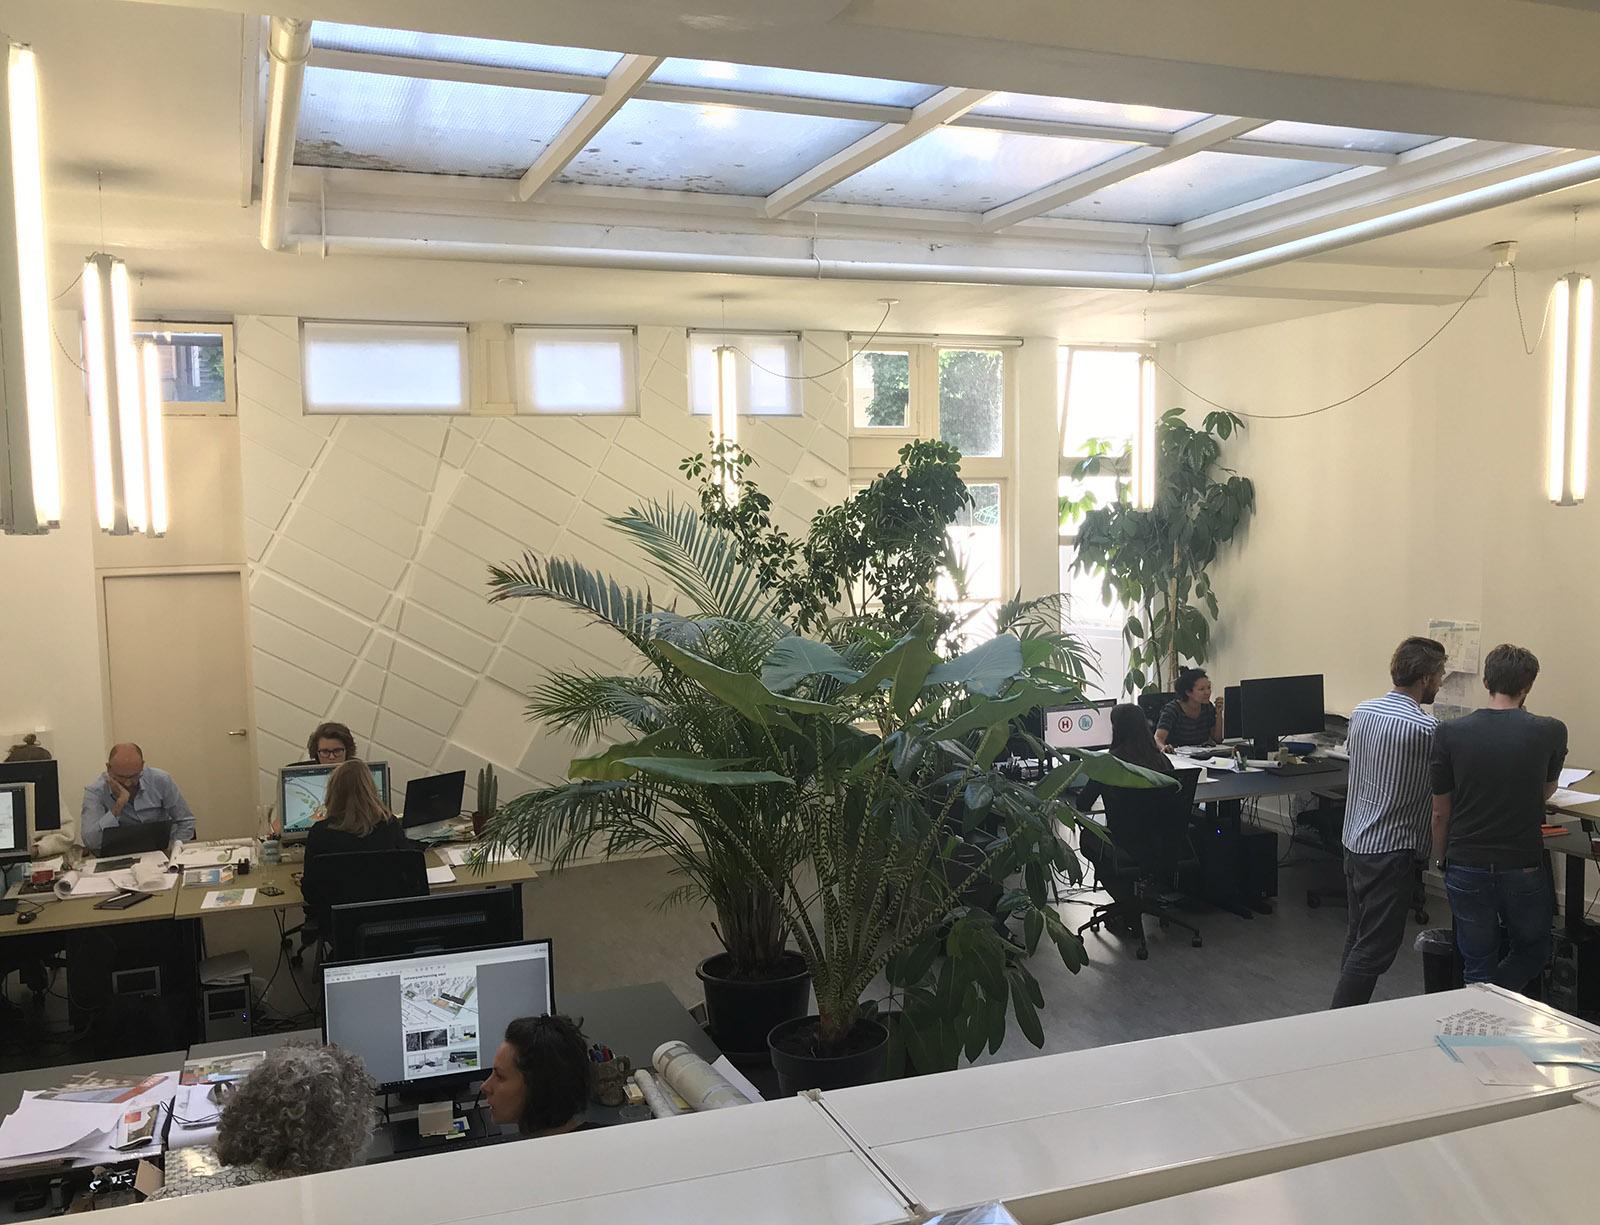 Nieuw stedenbouwkundig bureau | Urhahn stedenbouw & strategie CW-63